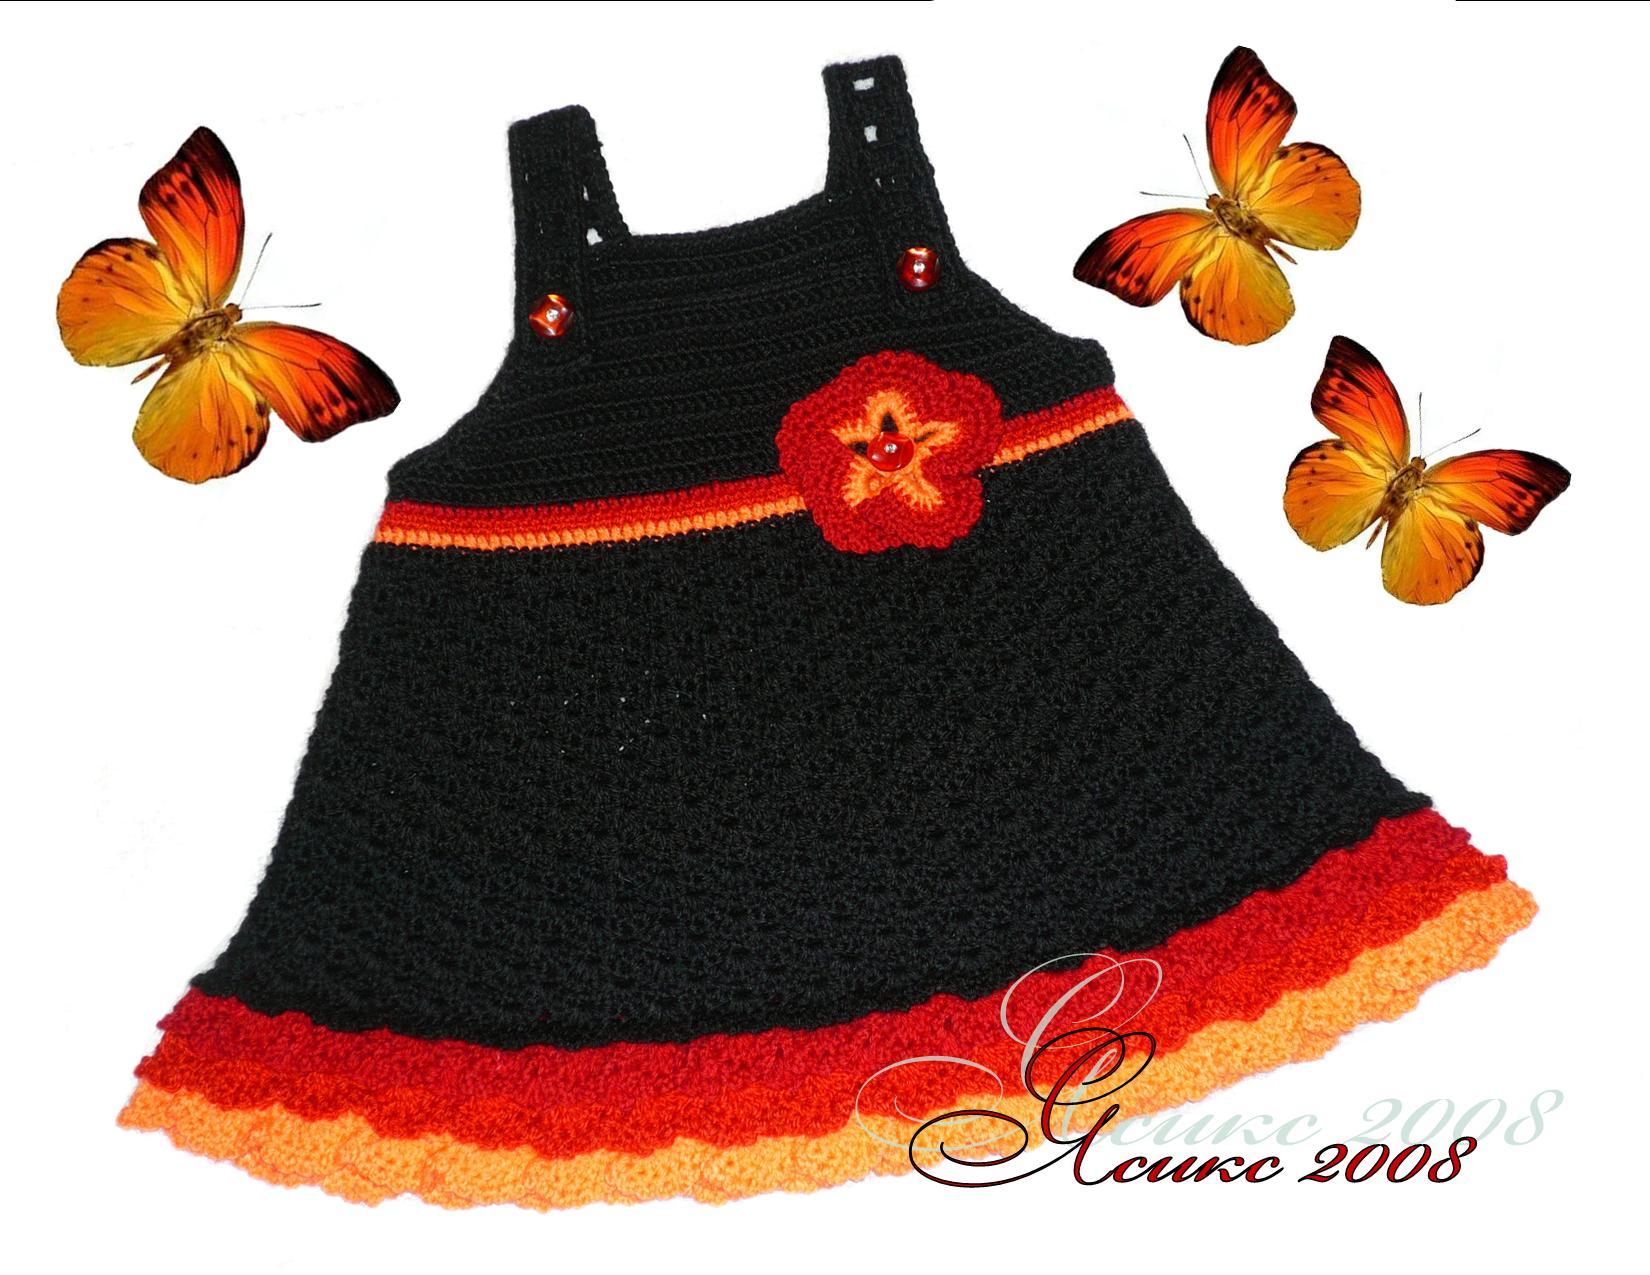 Сарафан из Онлайн темы на 'Осинке'. Одежда для детей